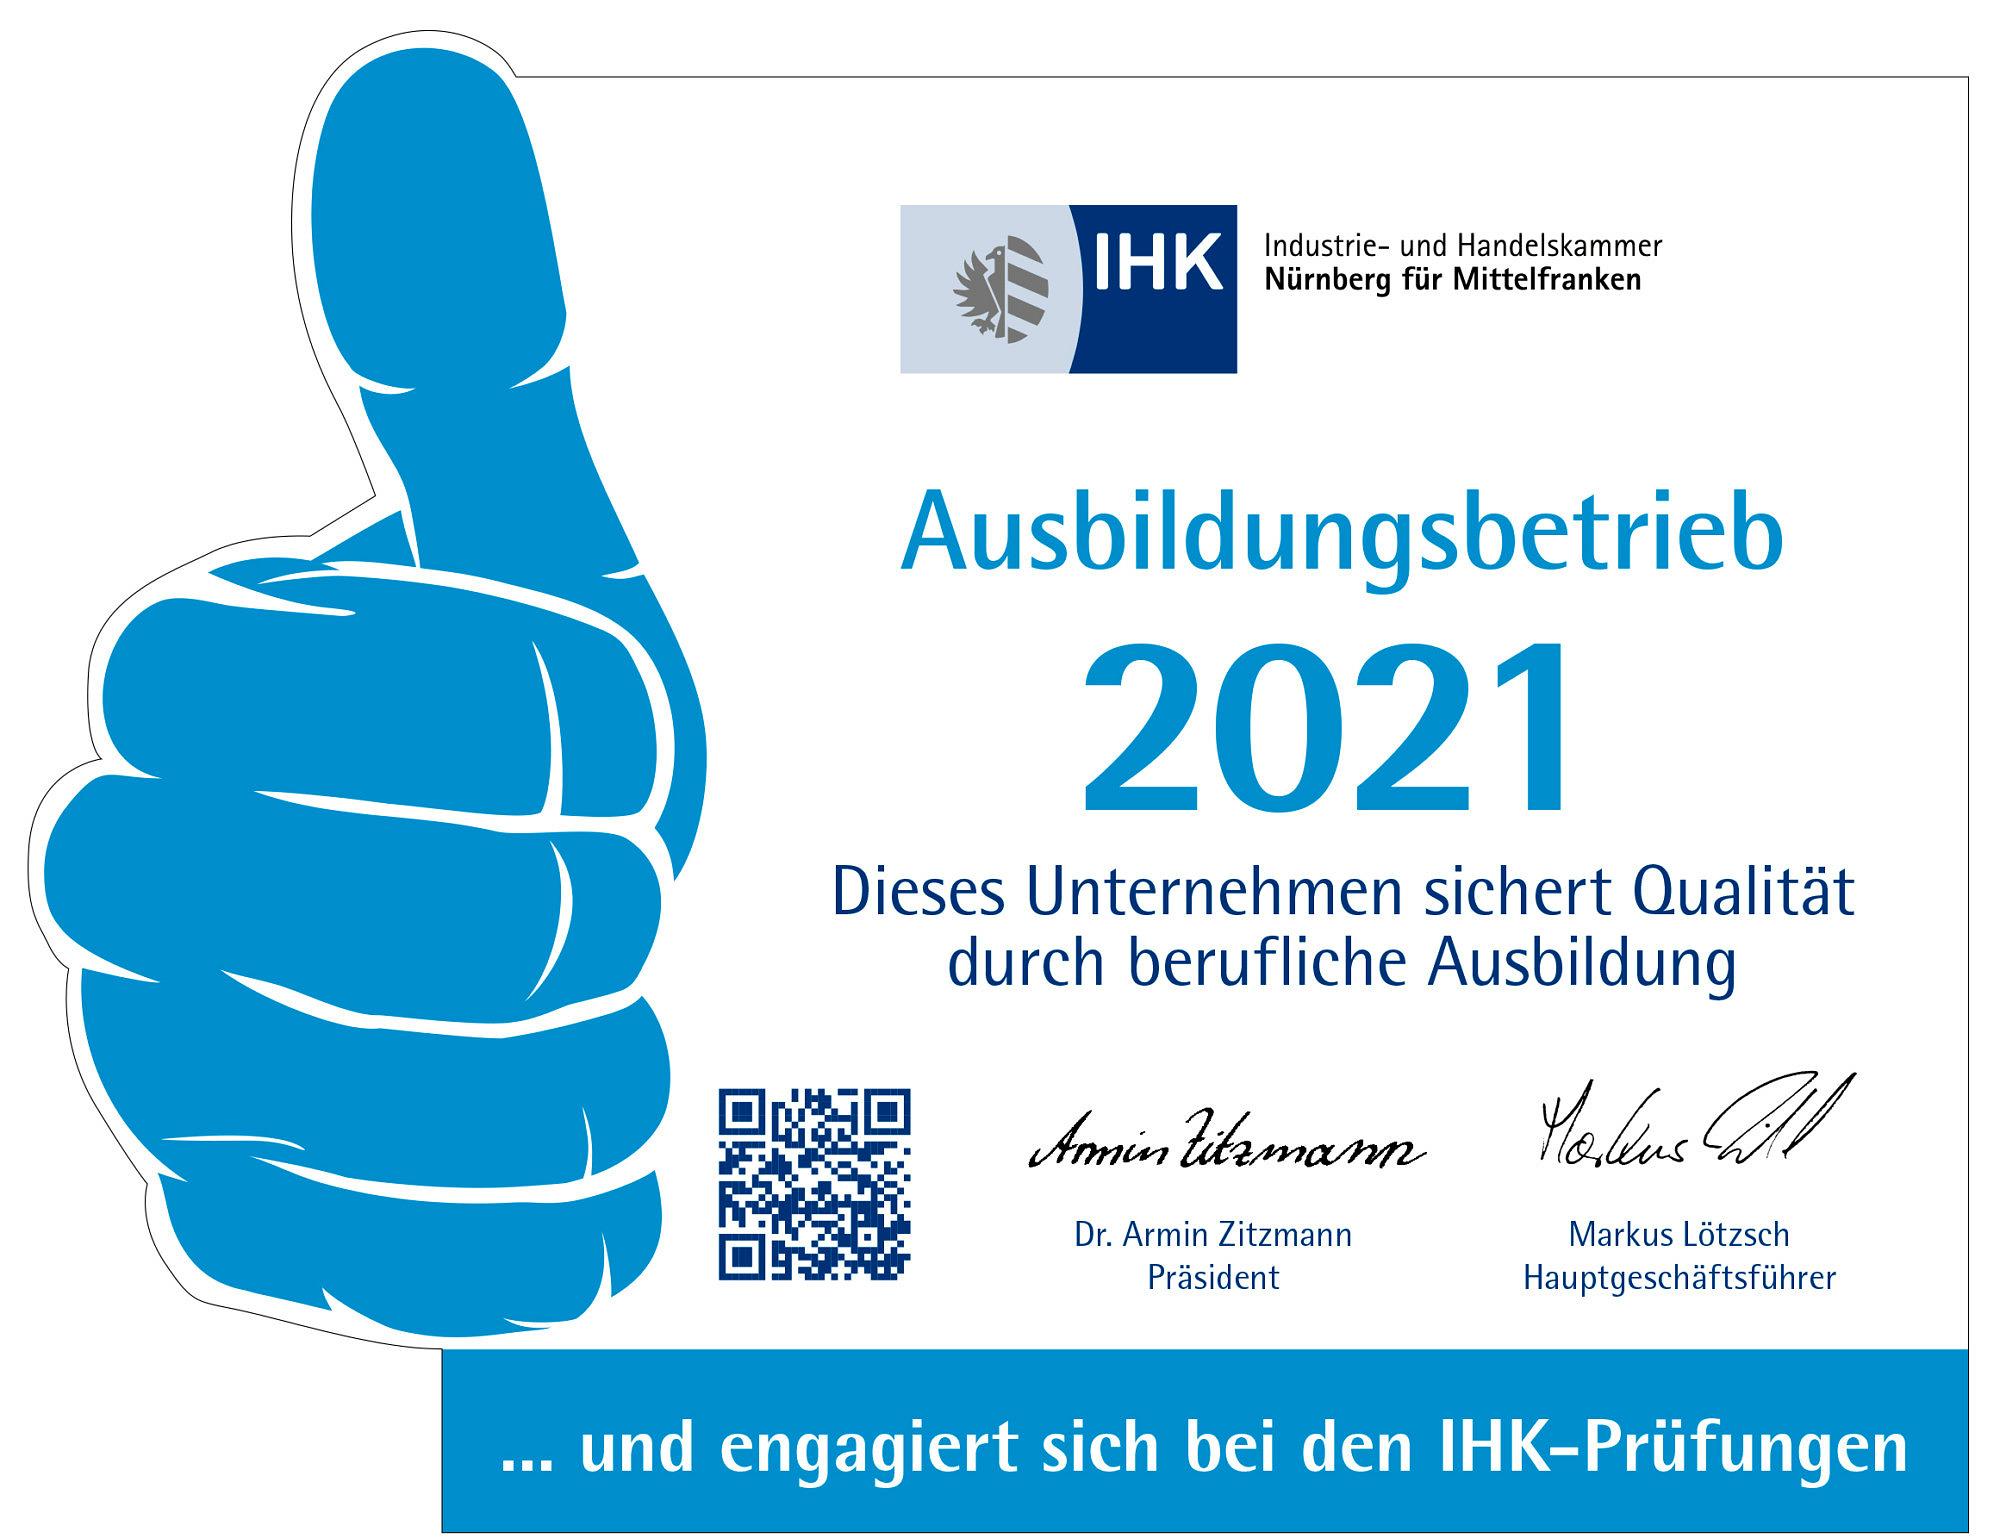 IHK-Logo anerkannter Ausbildungsbetrieb